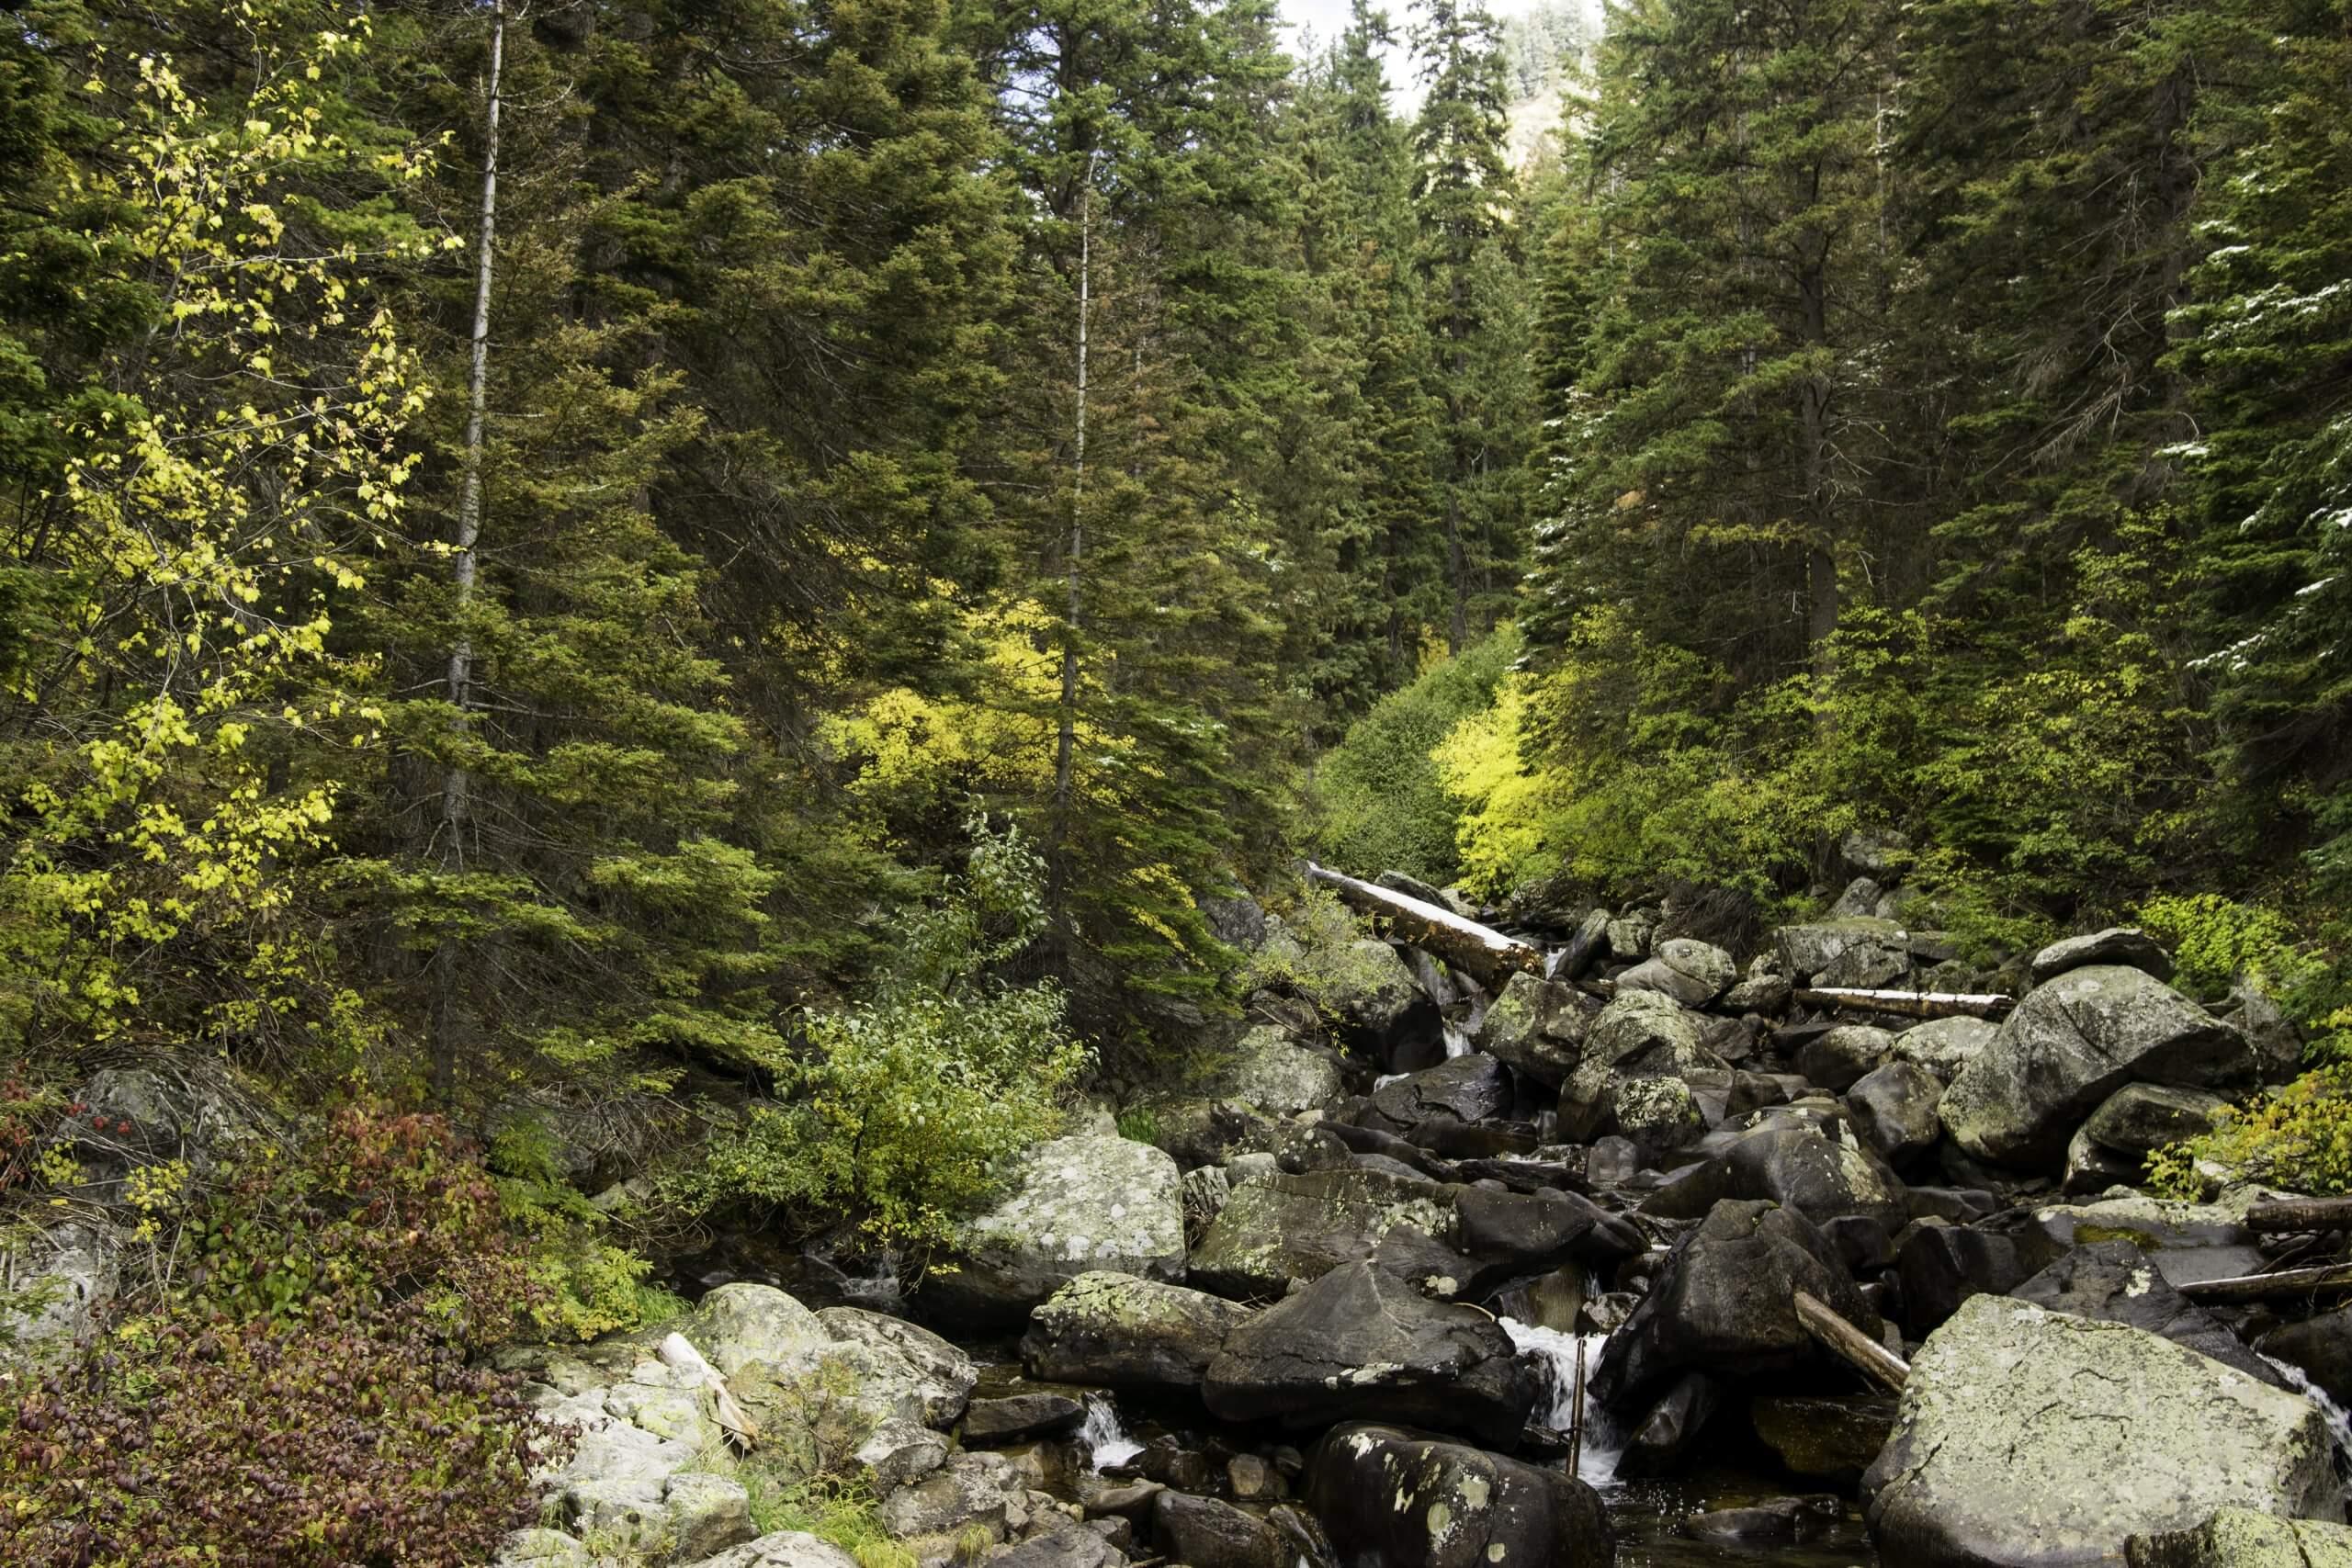 hiking in fall foliage